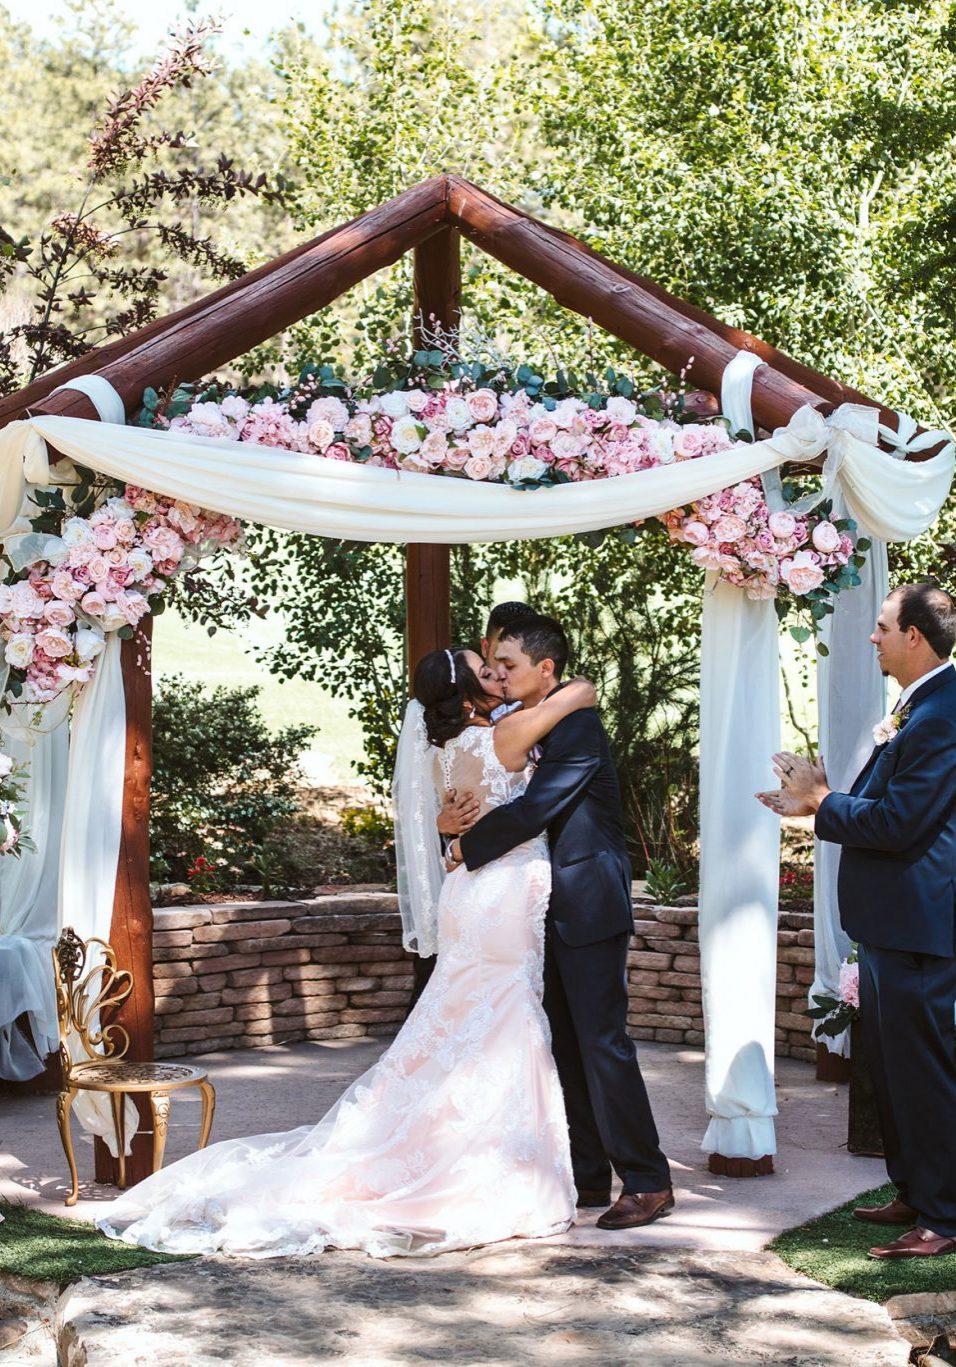 Wedding ceremony at Echo Basin Ranch, Durango, Colorado